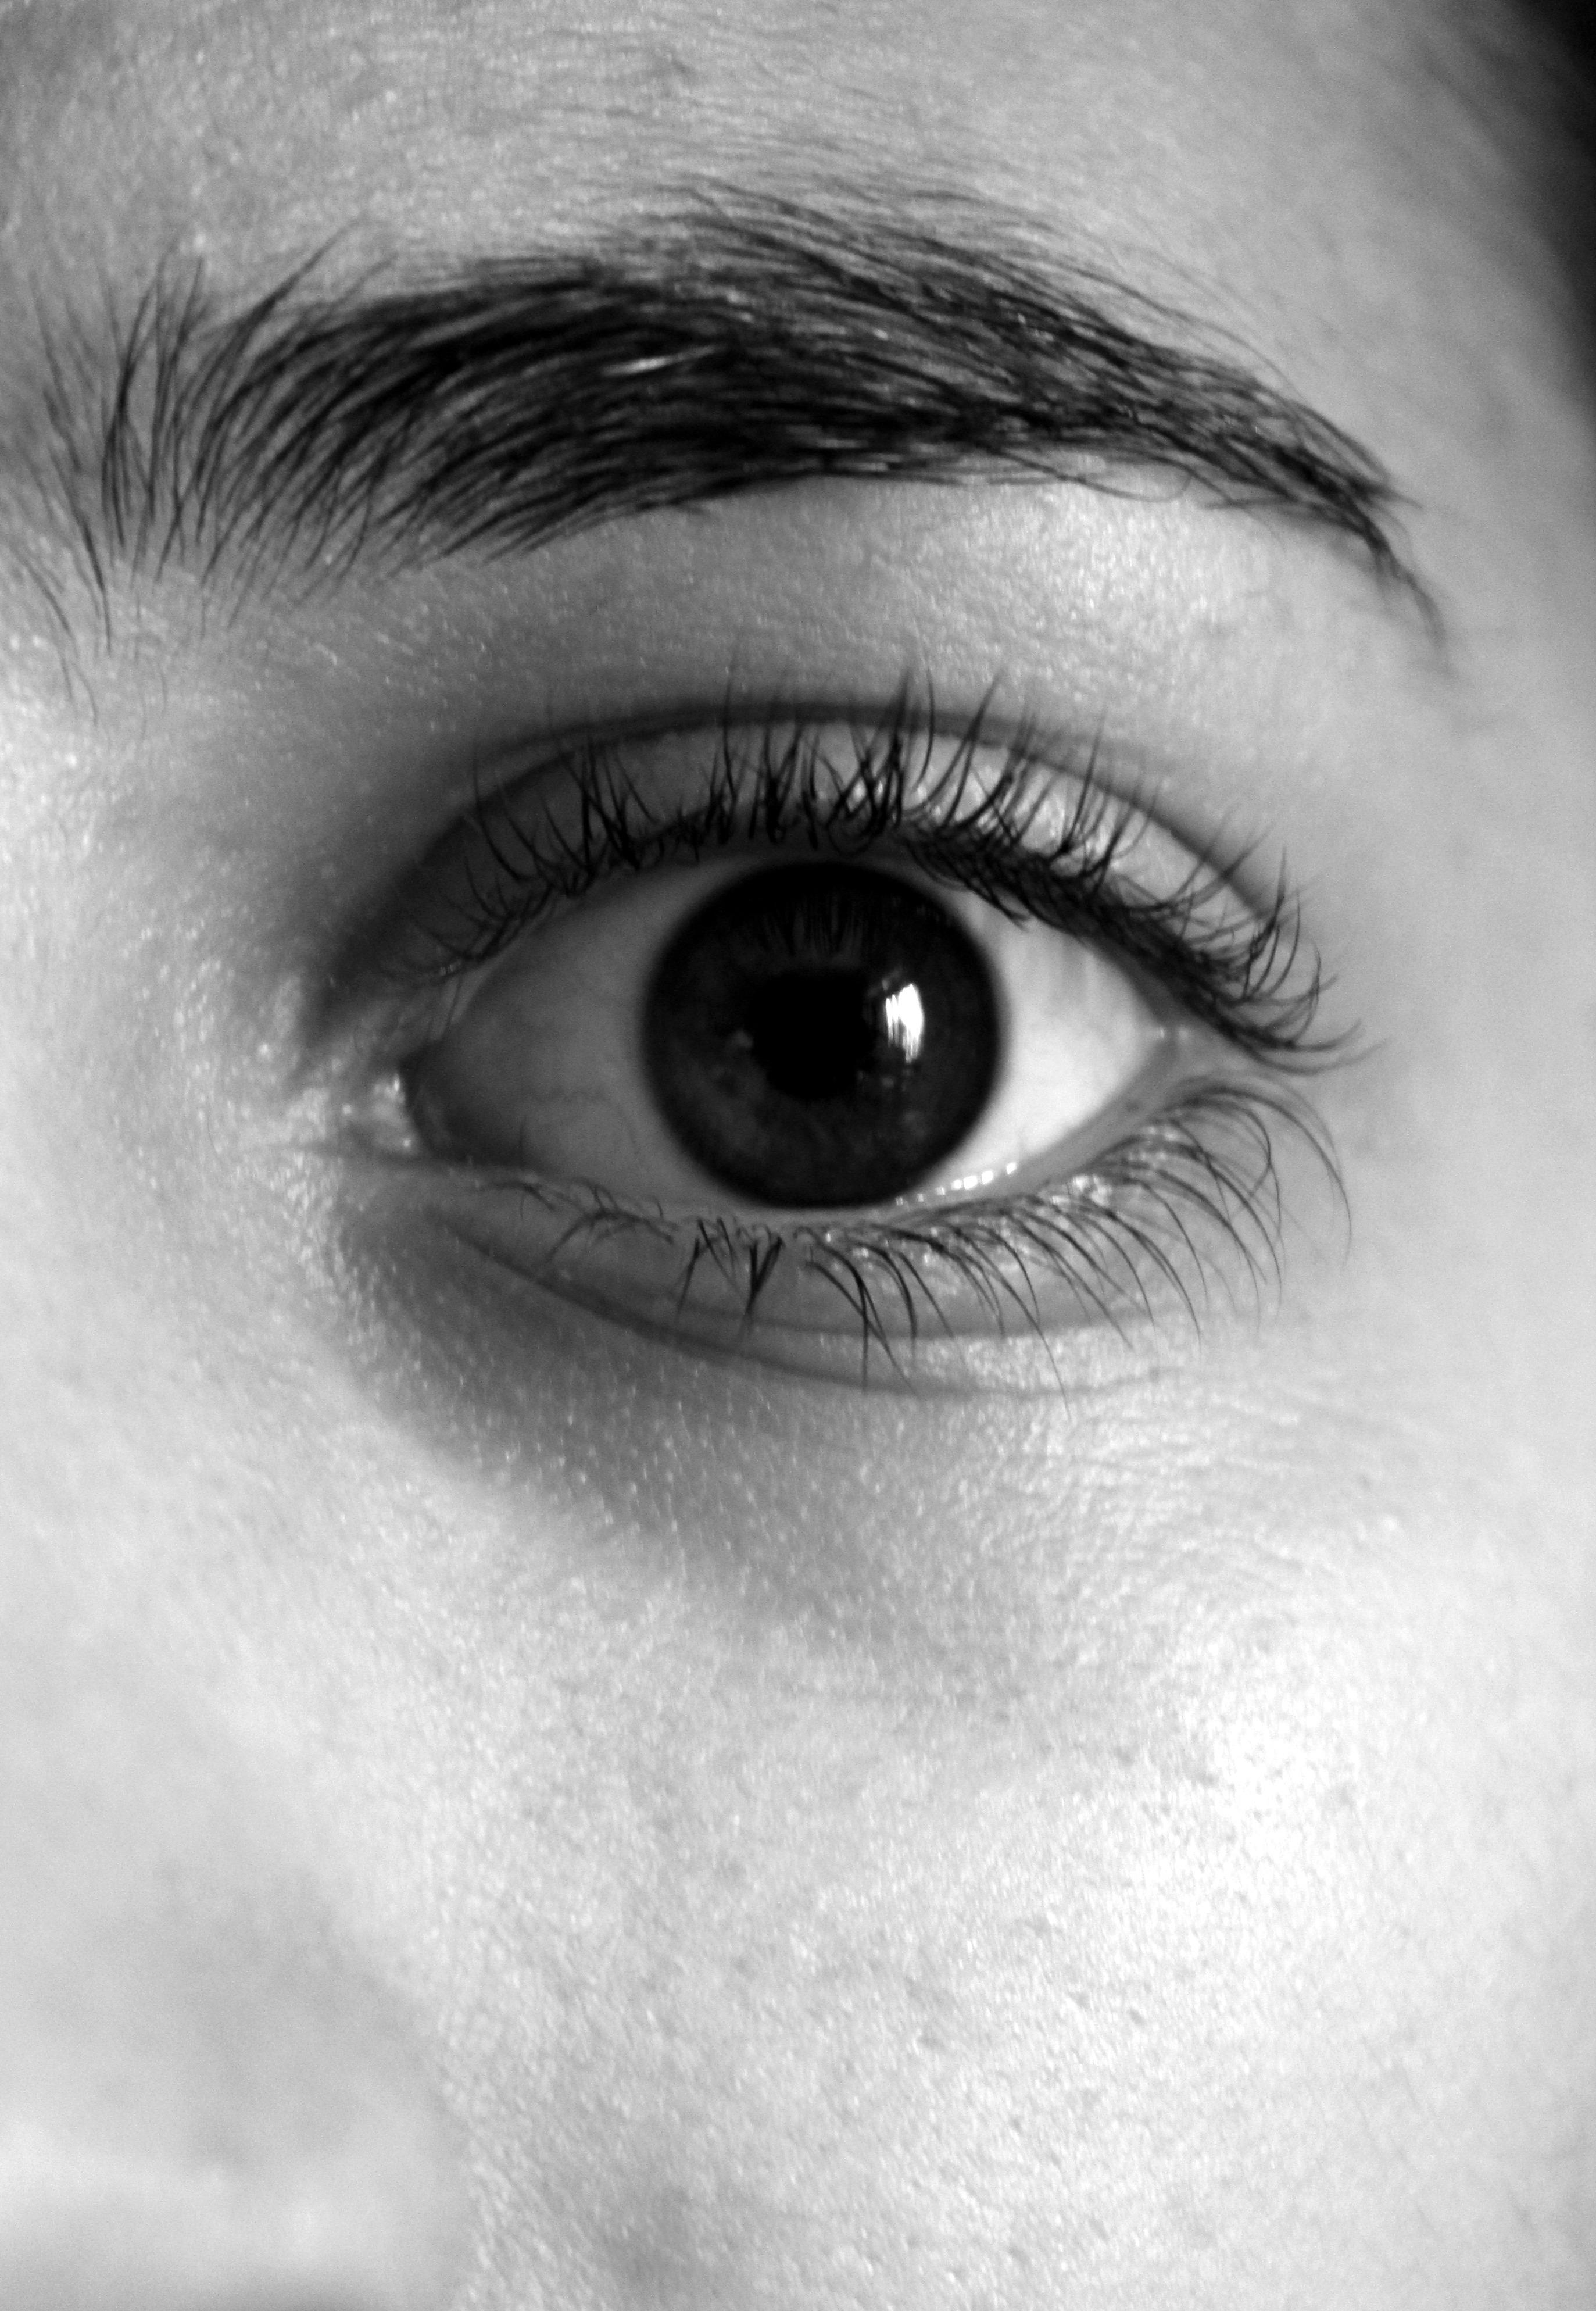 Fotos gratis en blanco y negro fotograf a monocromo ceja pesta a de cerca cuerpo humano - Fotos en blanco ...